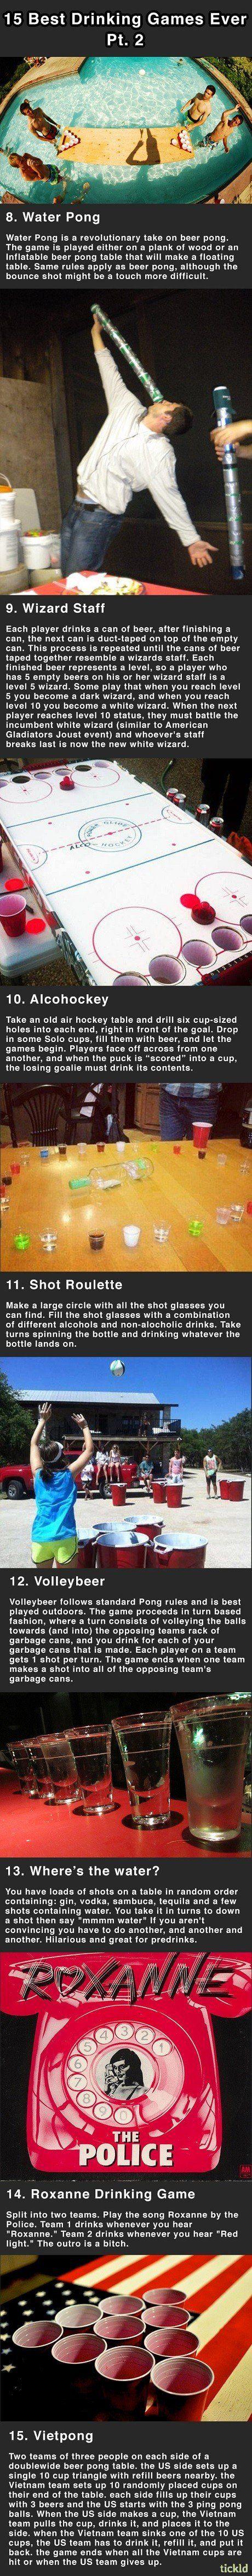 15 best drinking games part 2